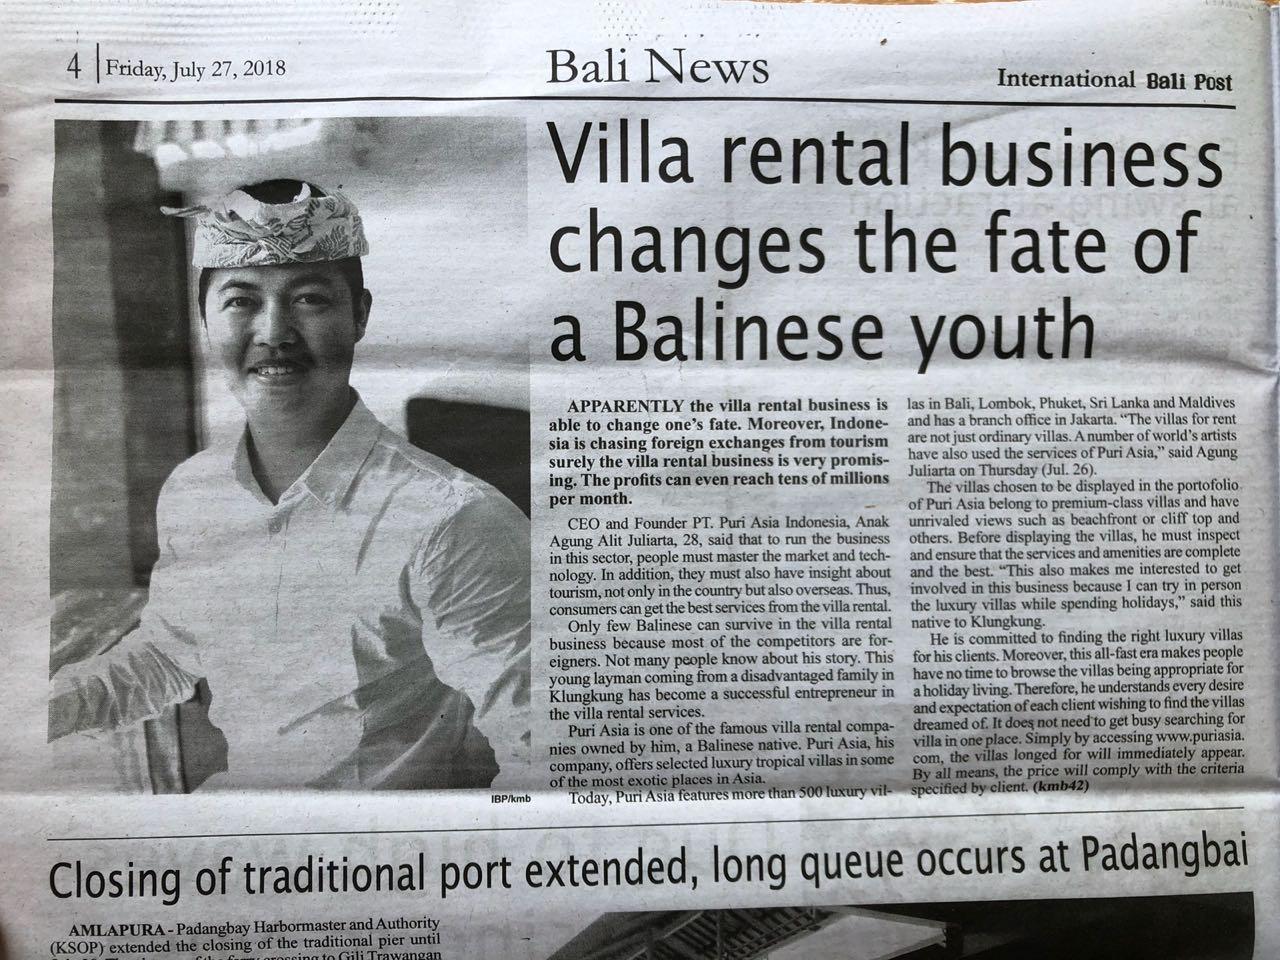 Bali News, Puri Asia